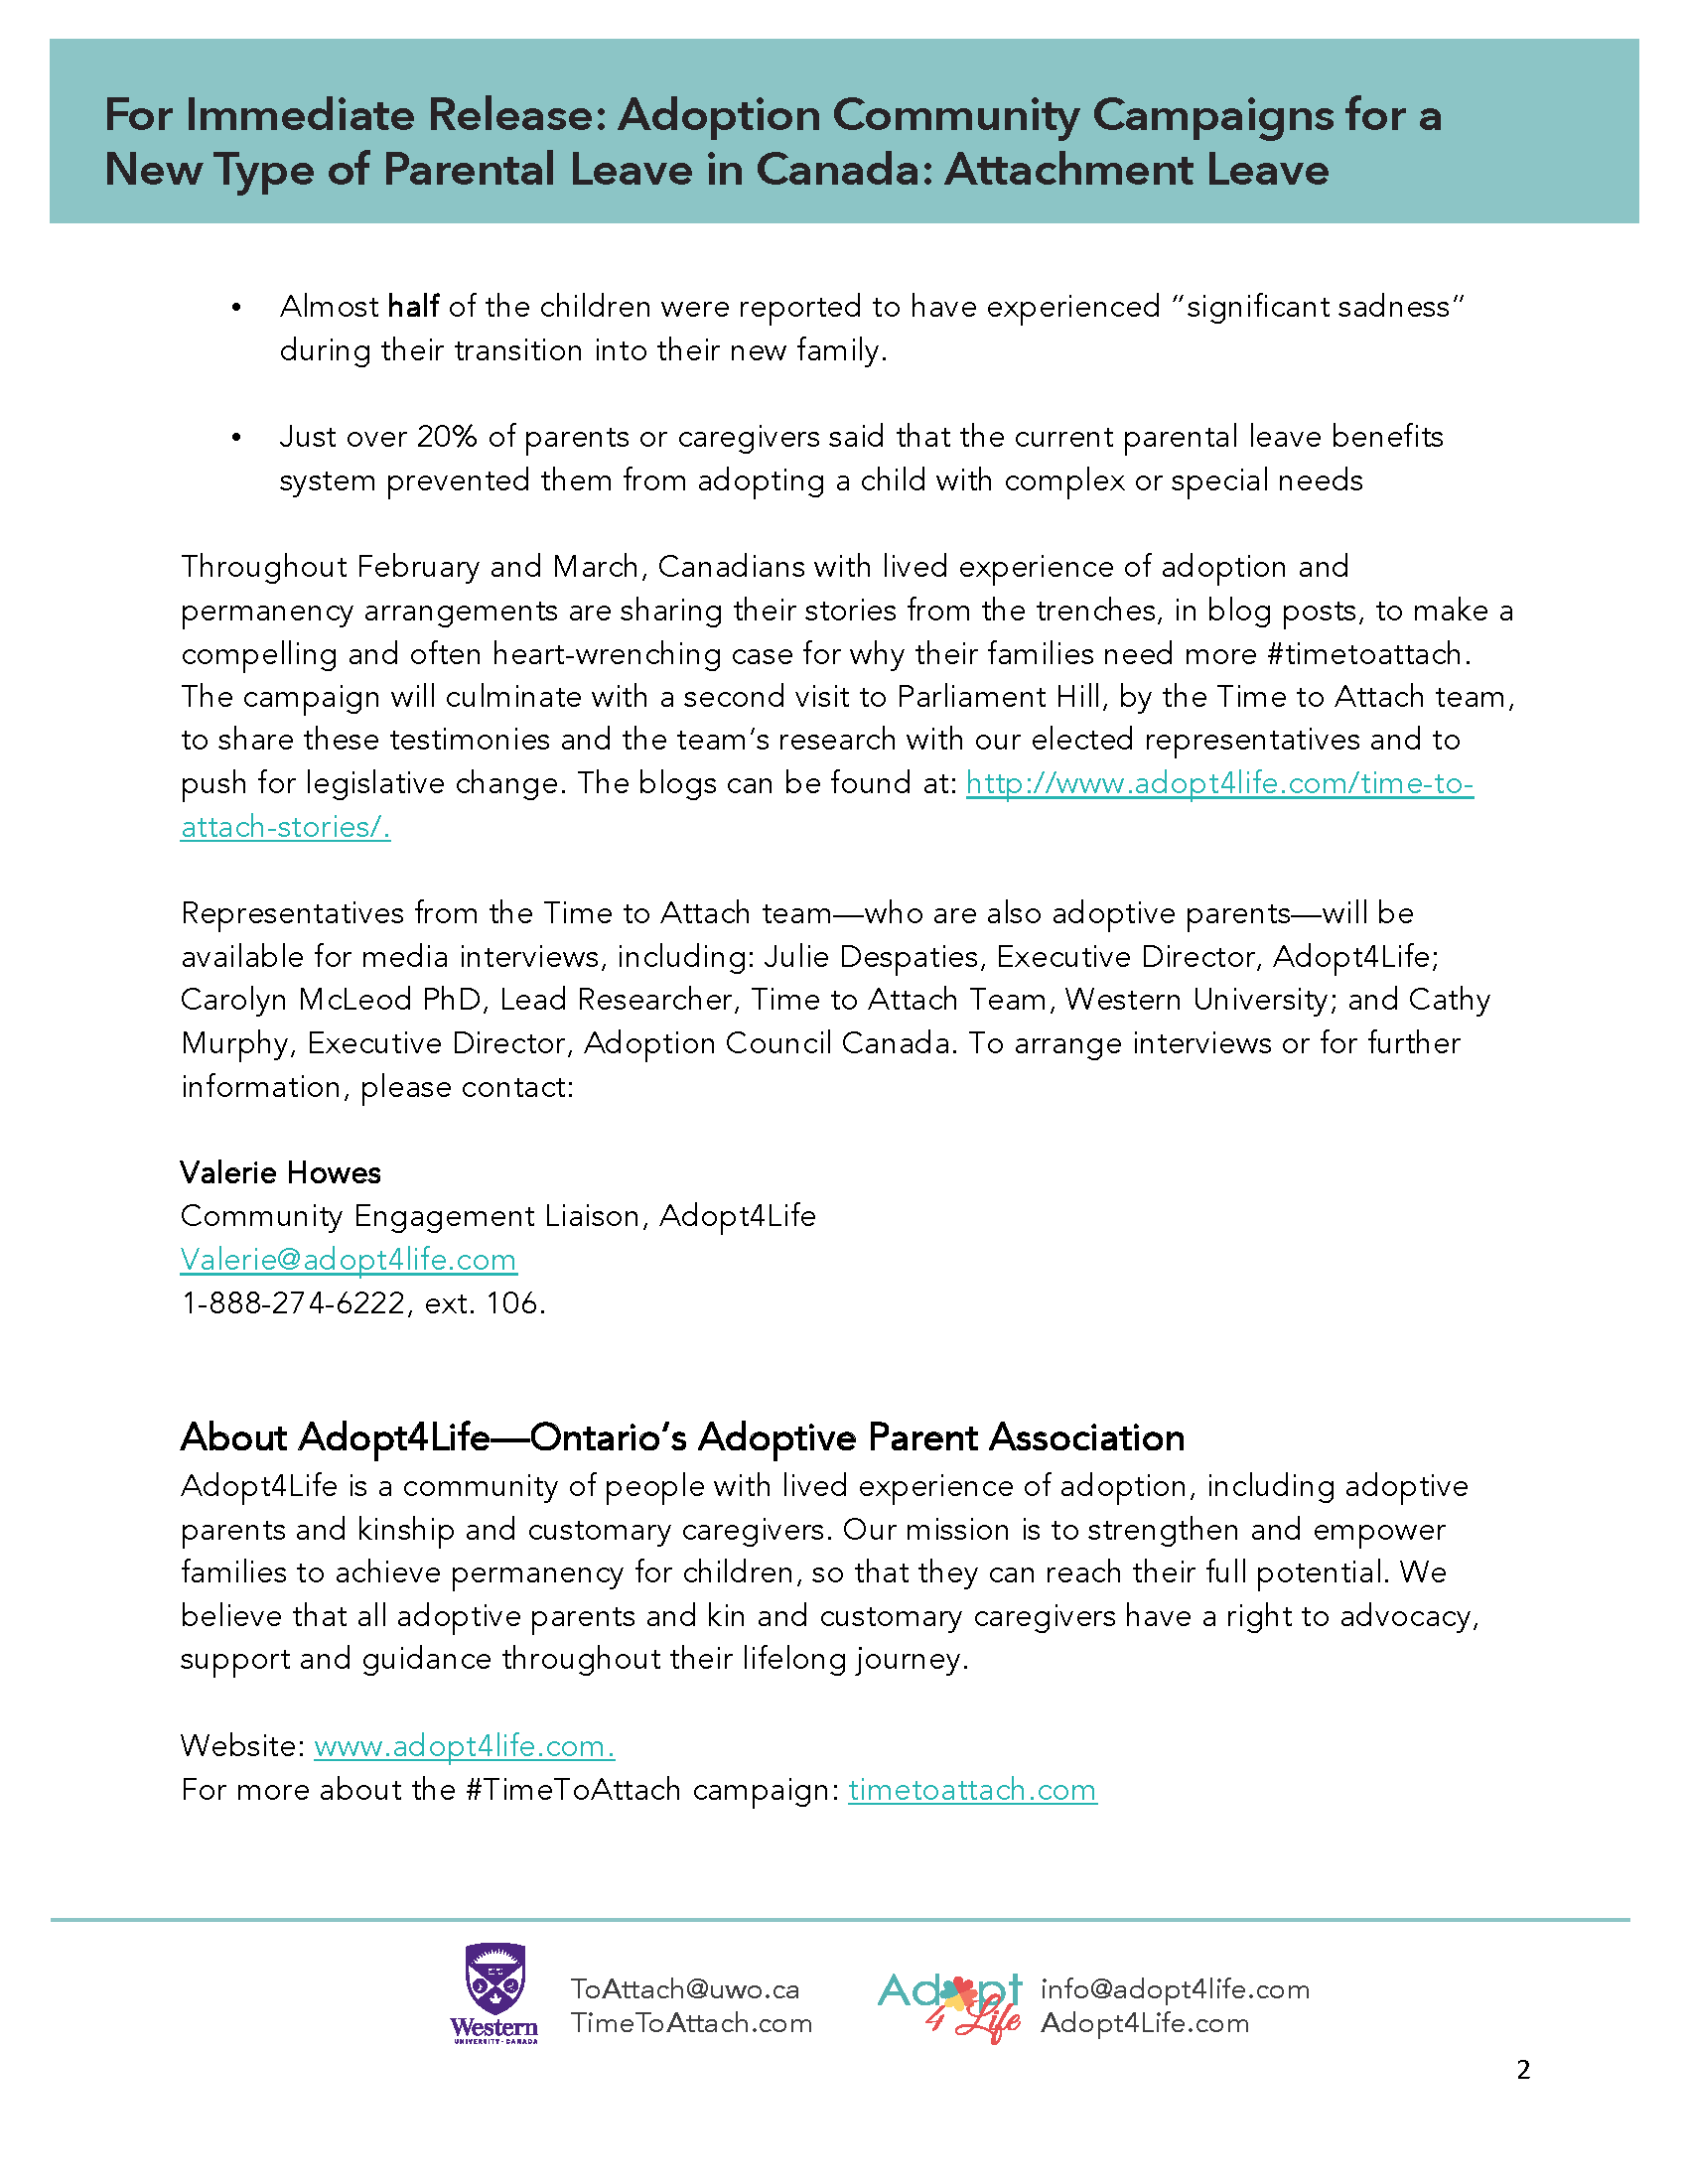 tta_feb19_release_EN_Page_2.png